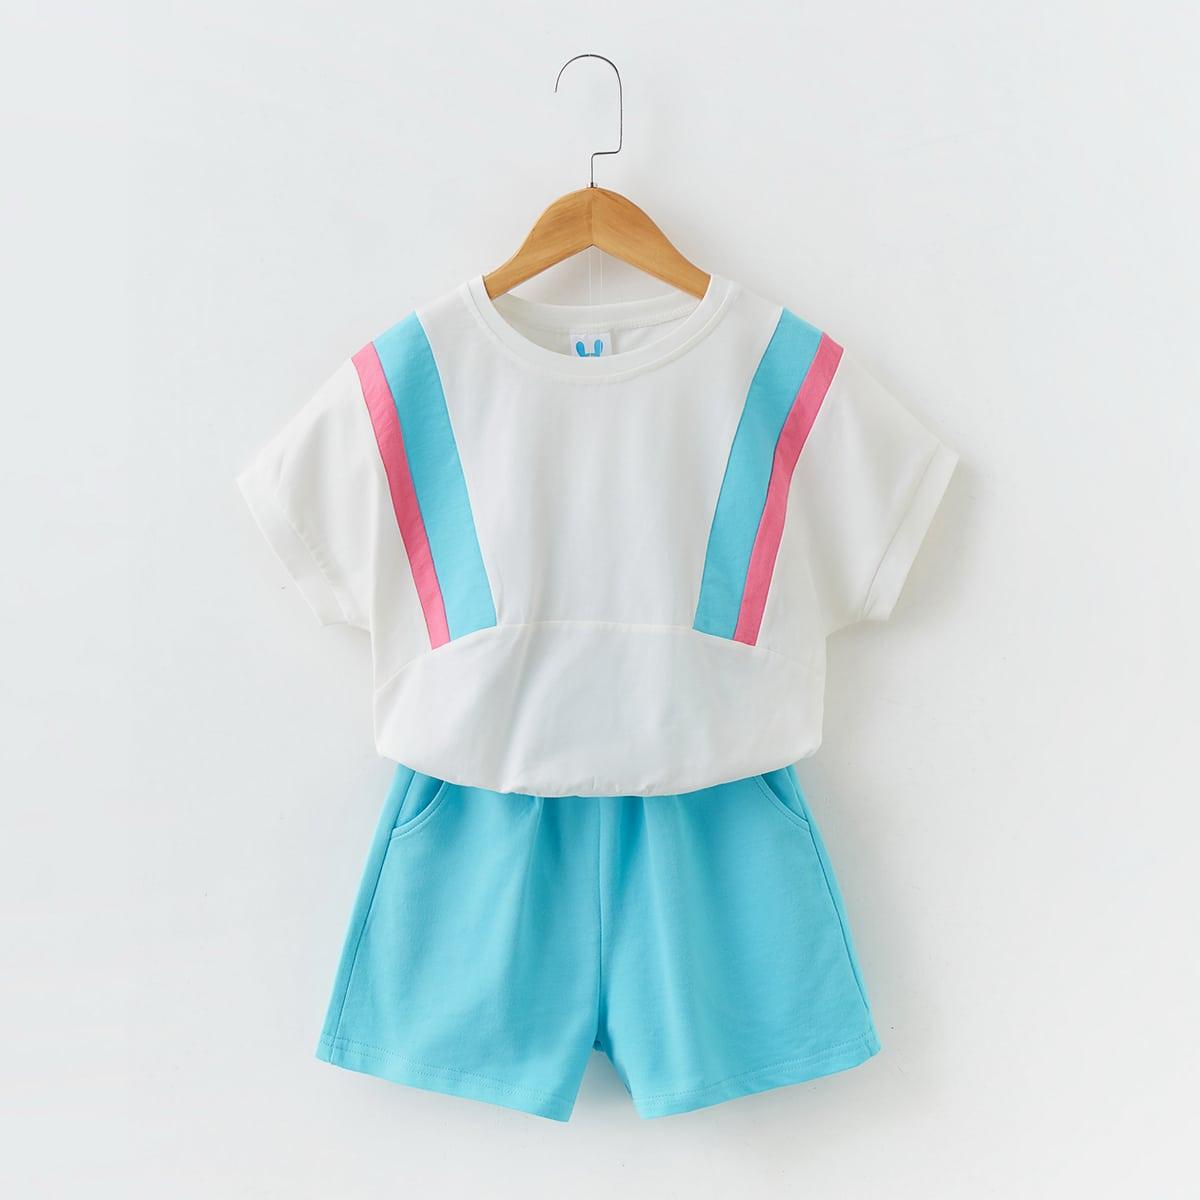 SHEIN / T-Shirt mit Farbblock, Fledermausärmeln & Shorts